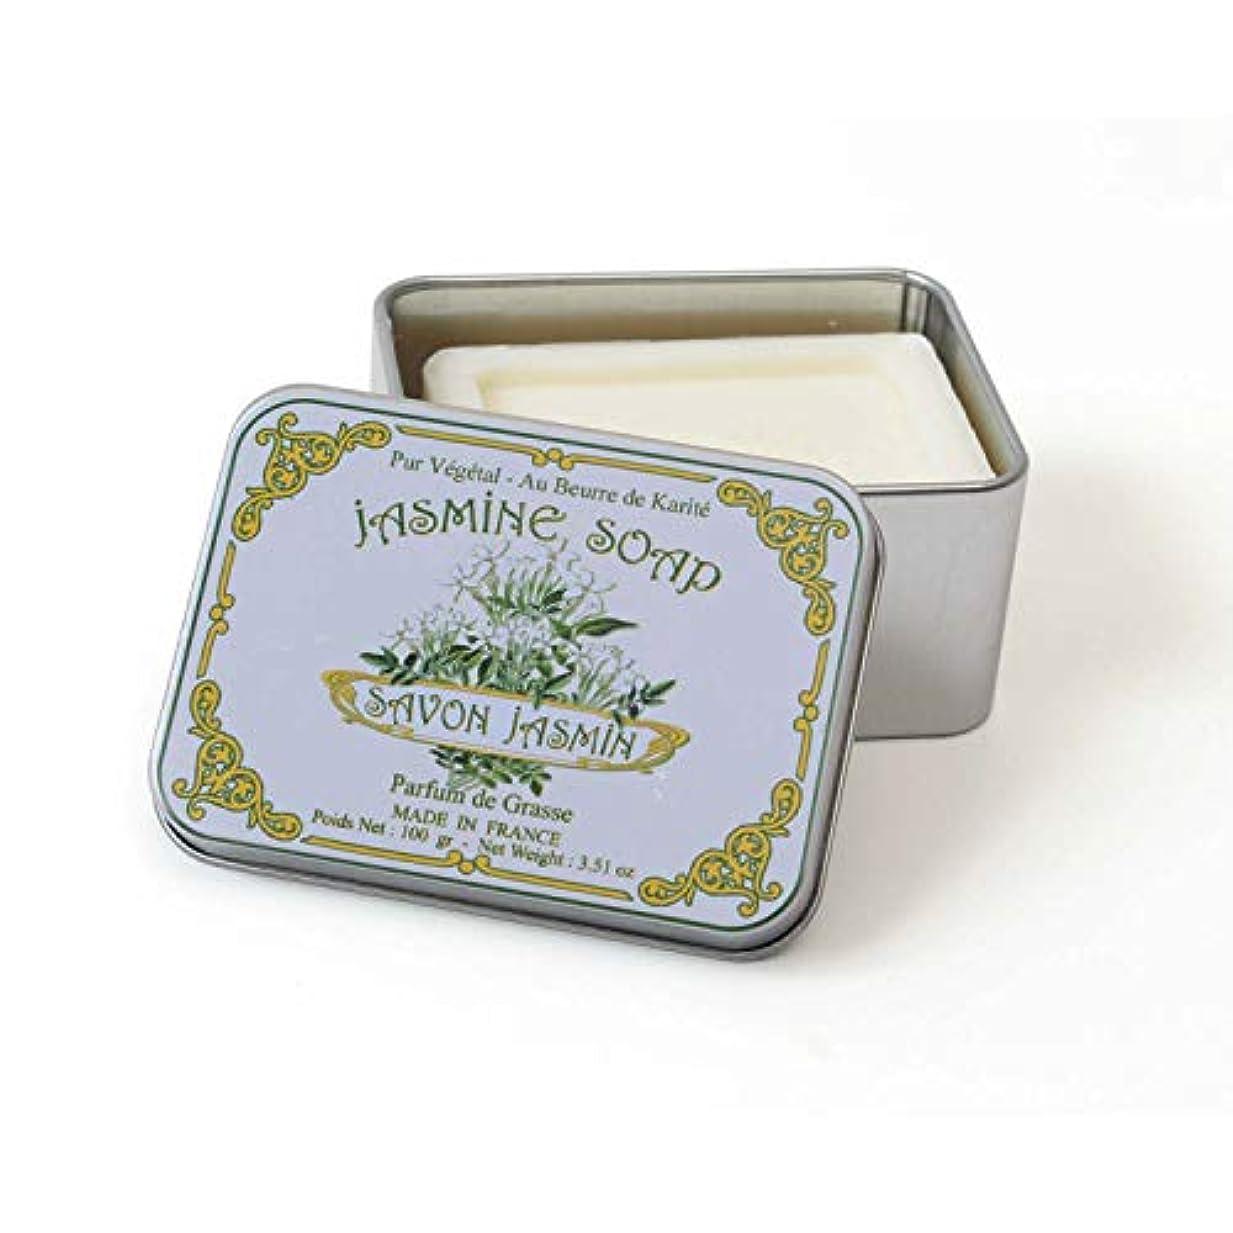 篭ラオス人会計士Le Blanc ルブランソープ ジャ スミンの香り